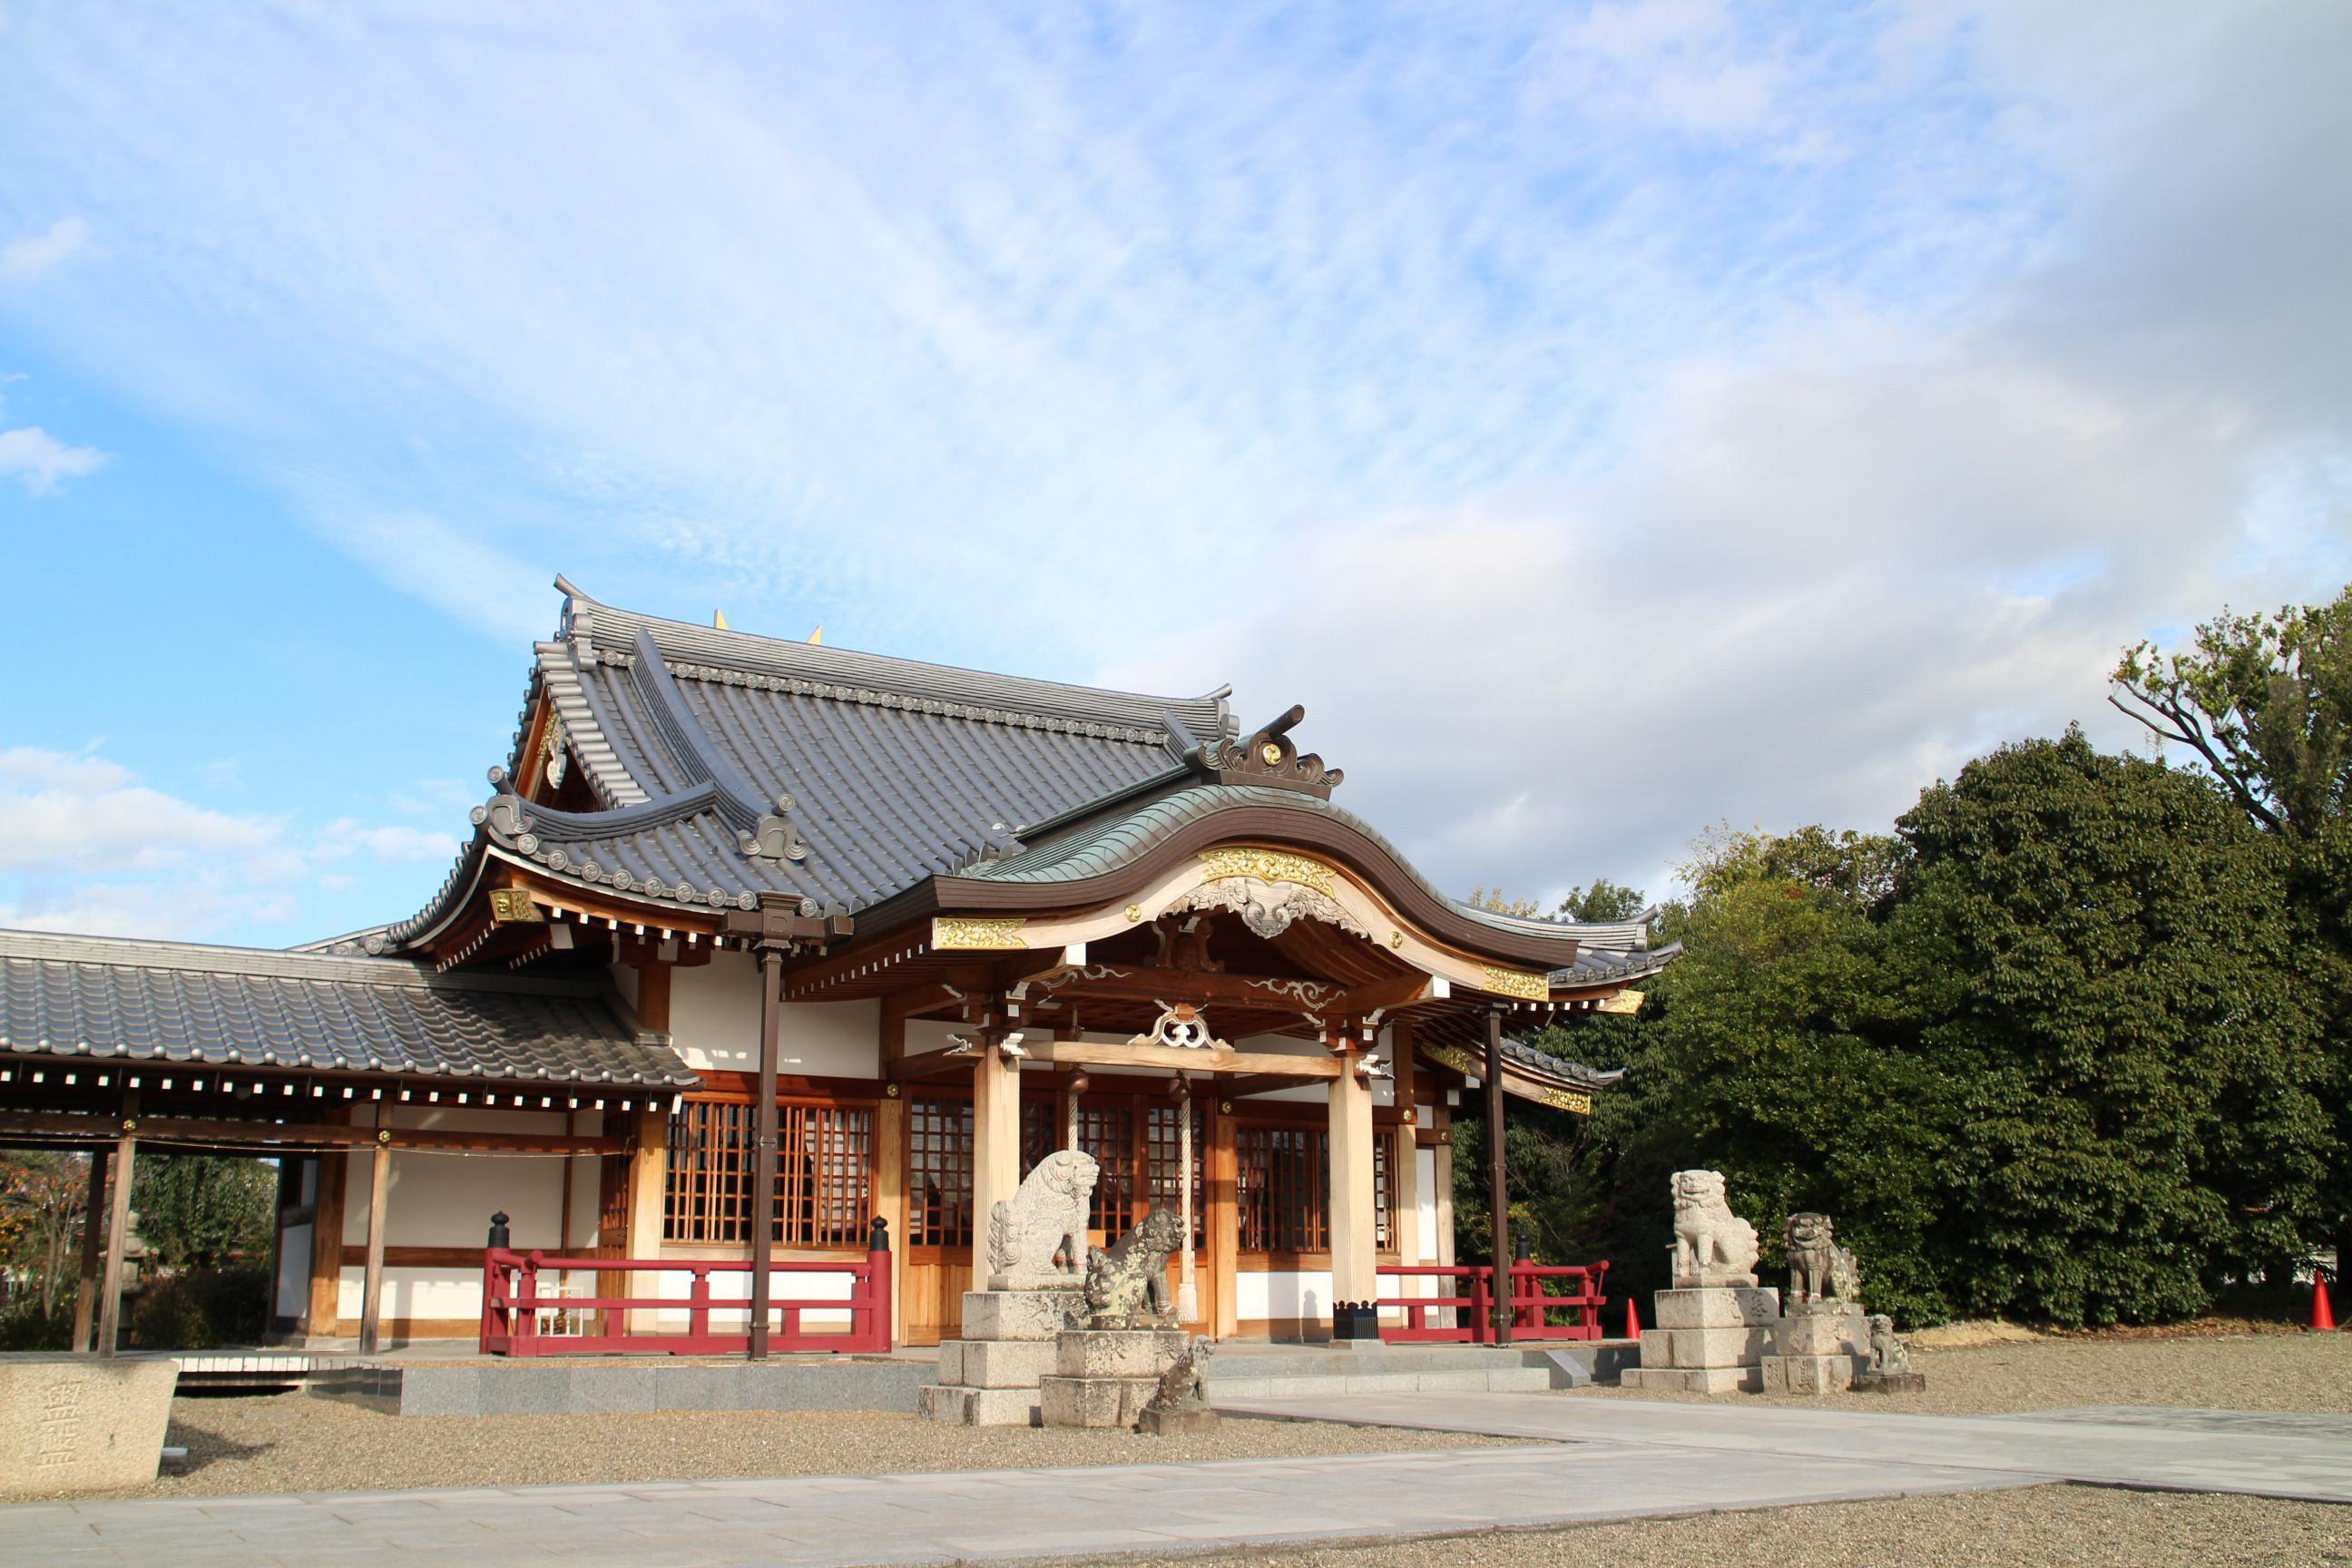 阿理莫神社の本殿